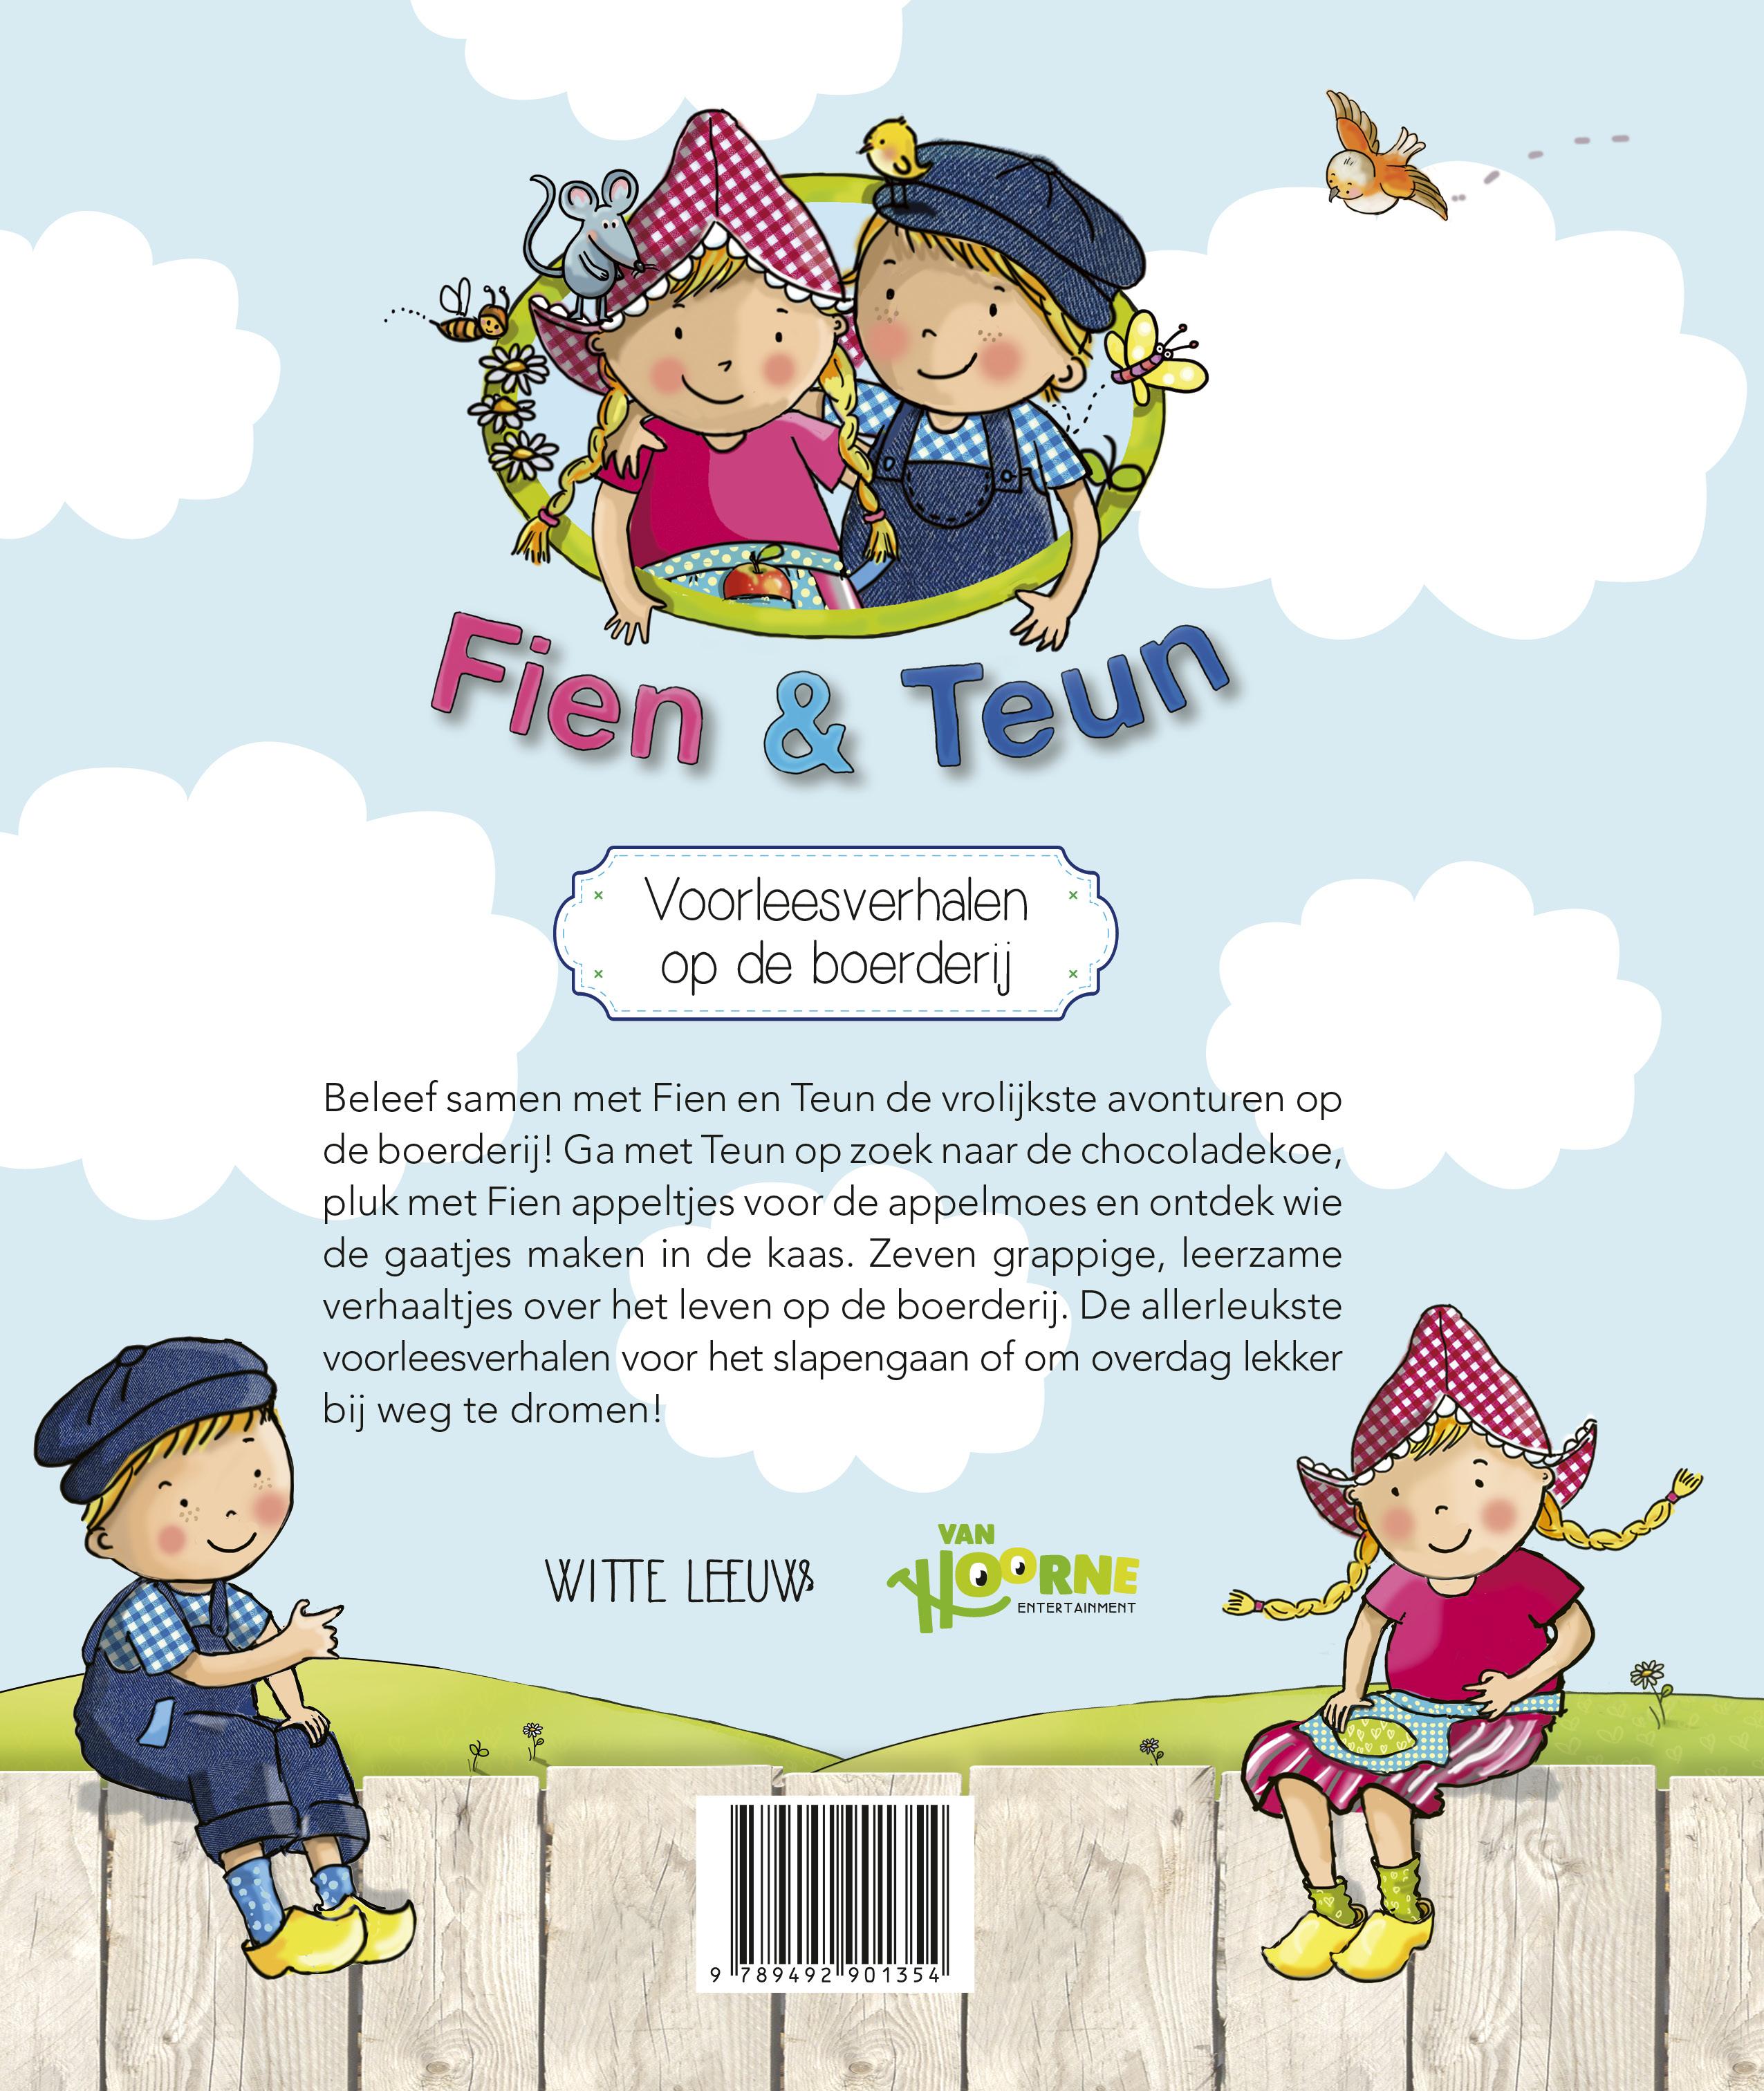 Fien & Teun – Voorleesverhalen op de boerderij